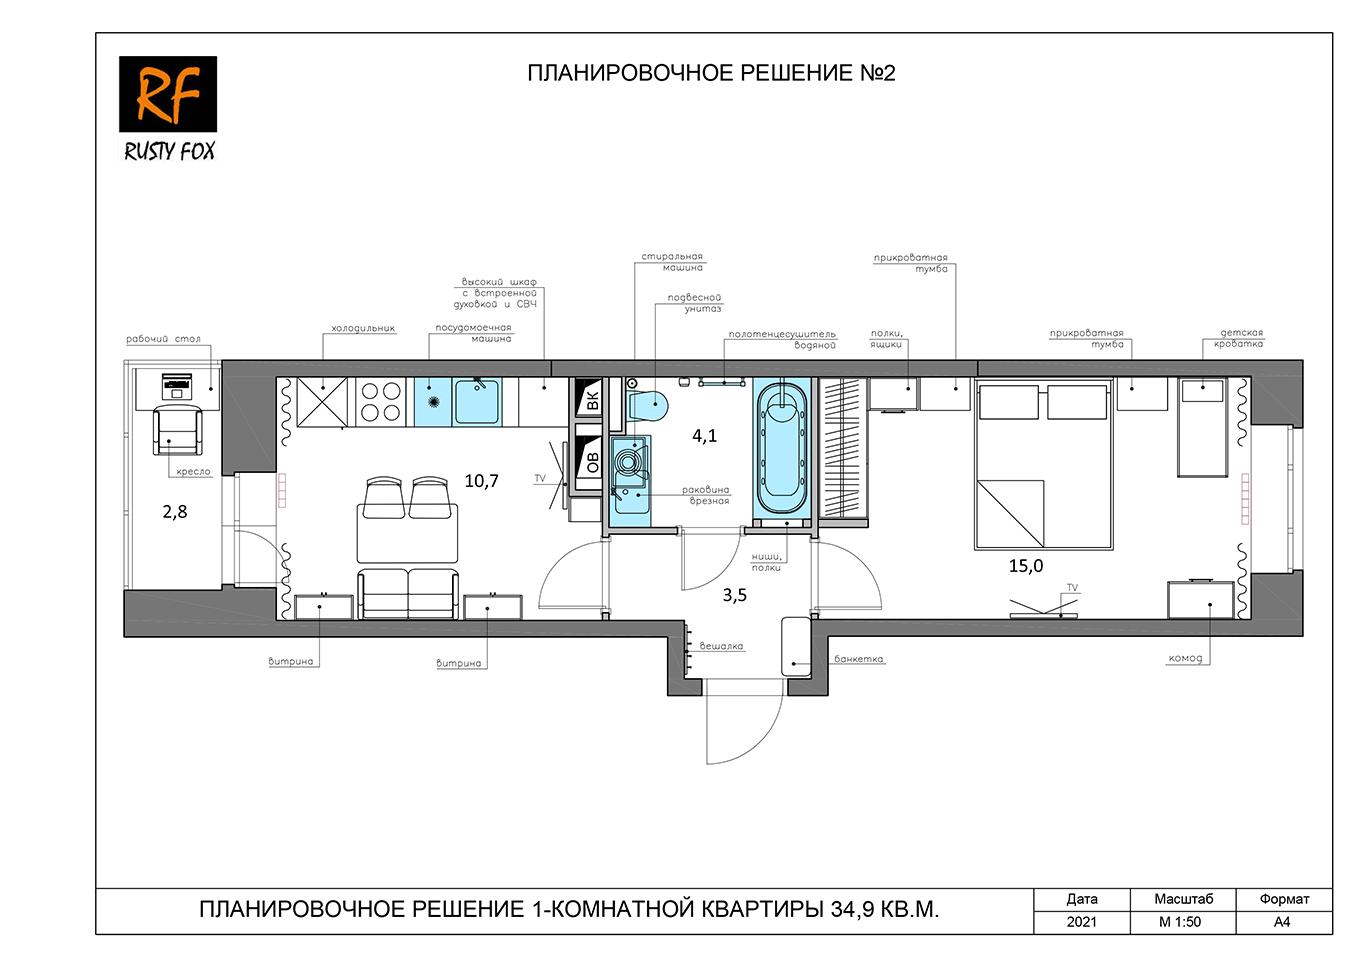 ЖК Люберцы корпус 52, секция 1. Планировочное решение №21-комнотной квартира 34,9 кв.м.